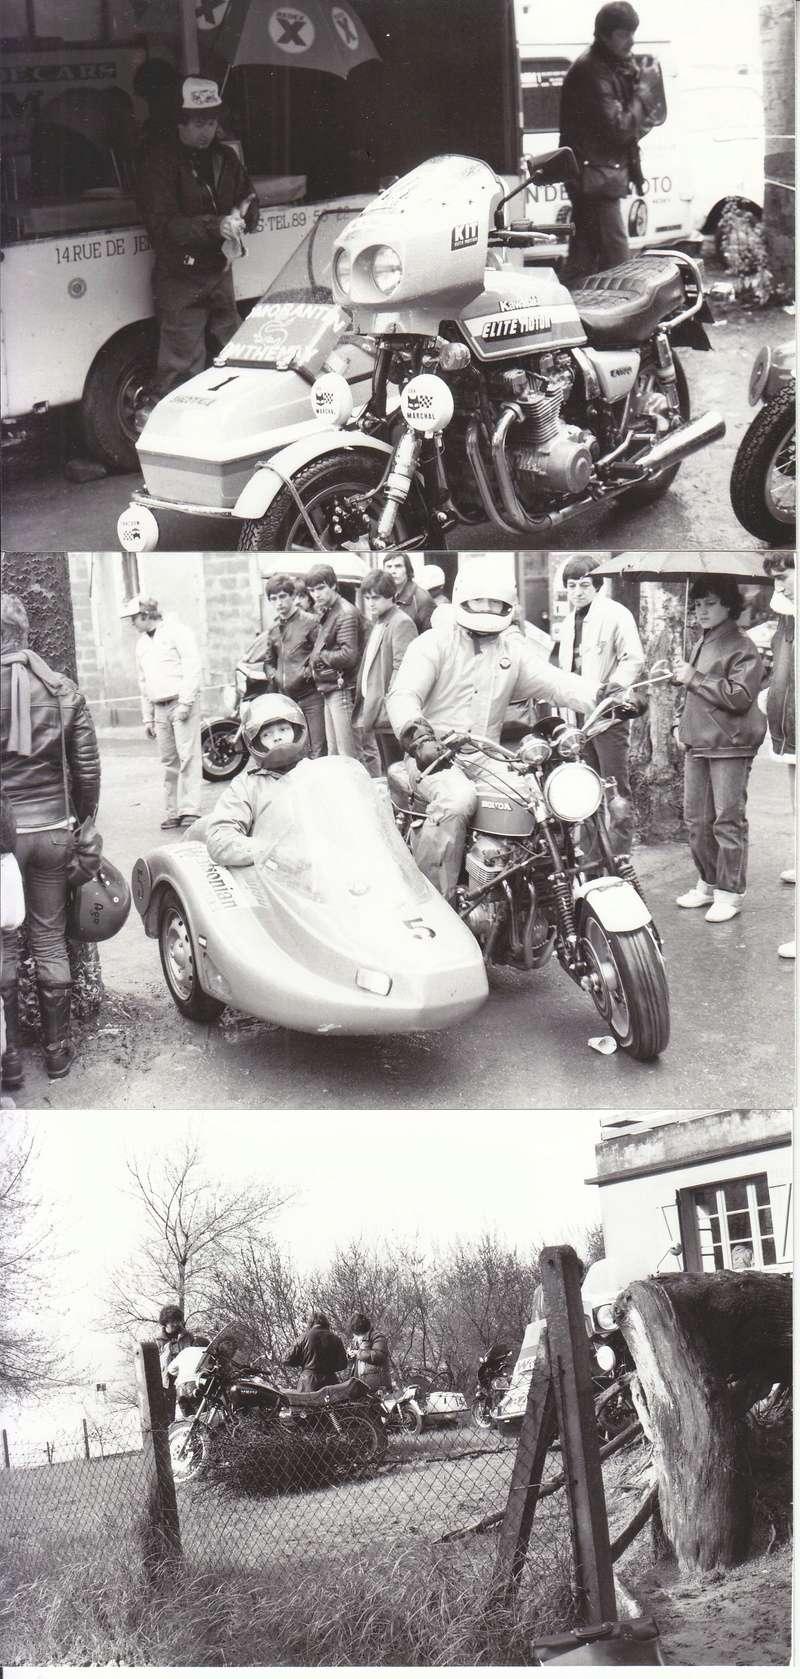 [Oldies] 1980 à 1988: Le Tour de France side-car, par Joël Enndewell  - Page 17 Sans_t52